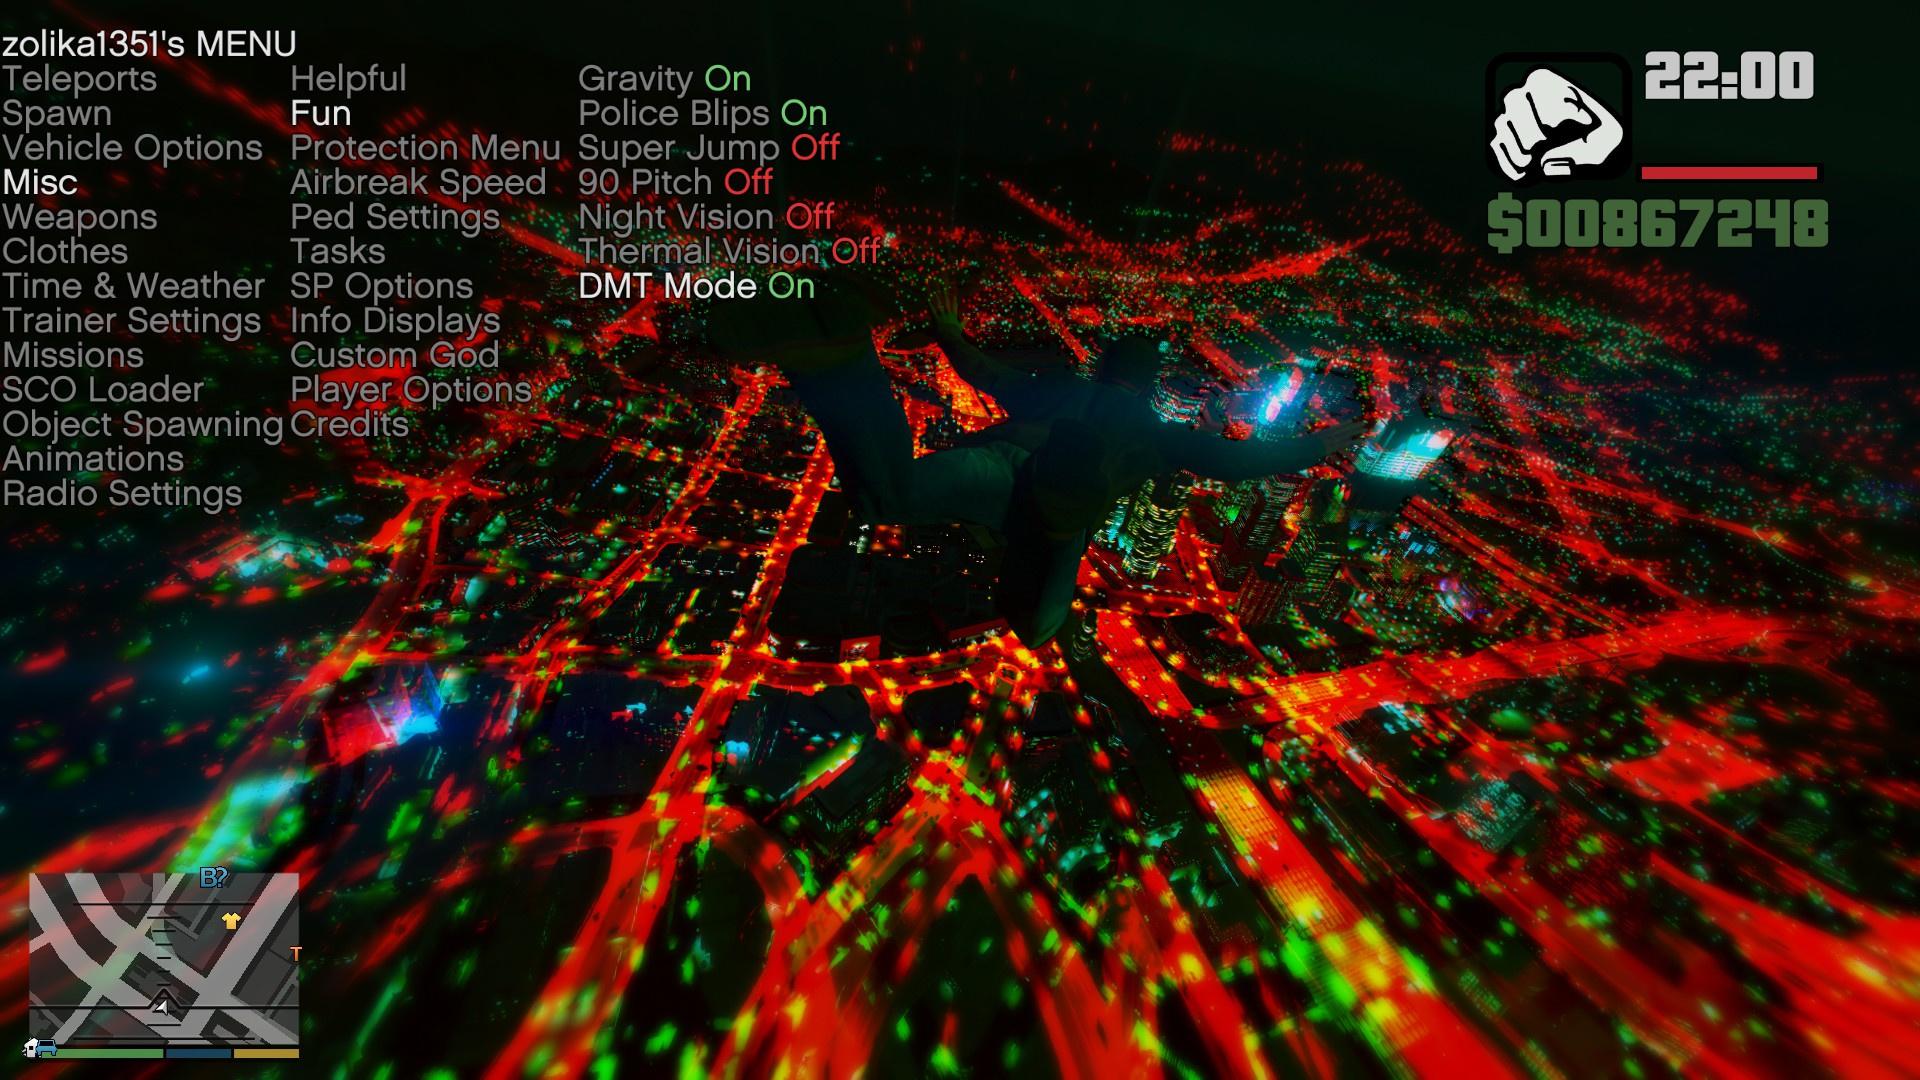 Zolika1351's V Menu - GTA5-Mods com